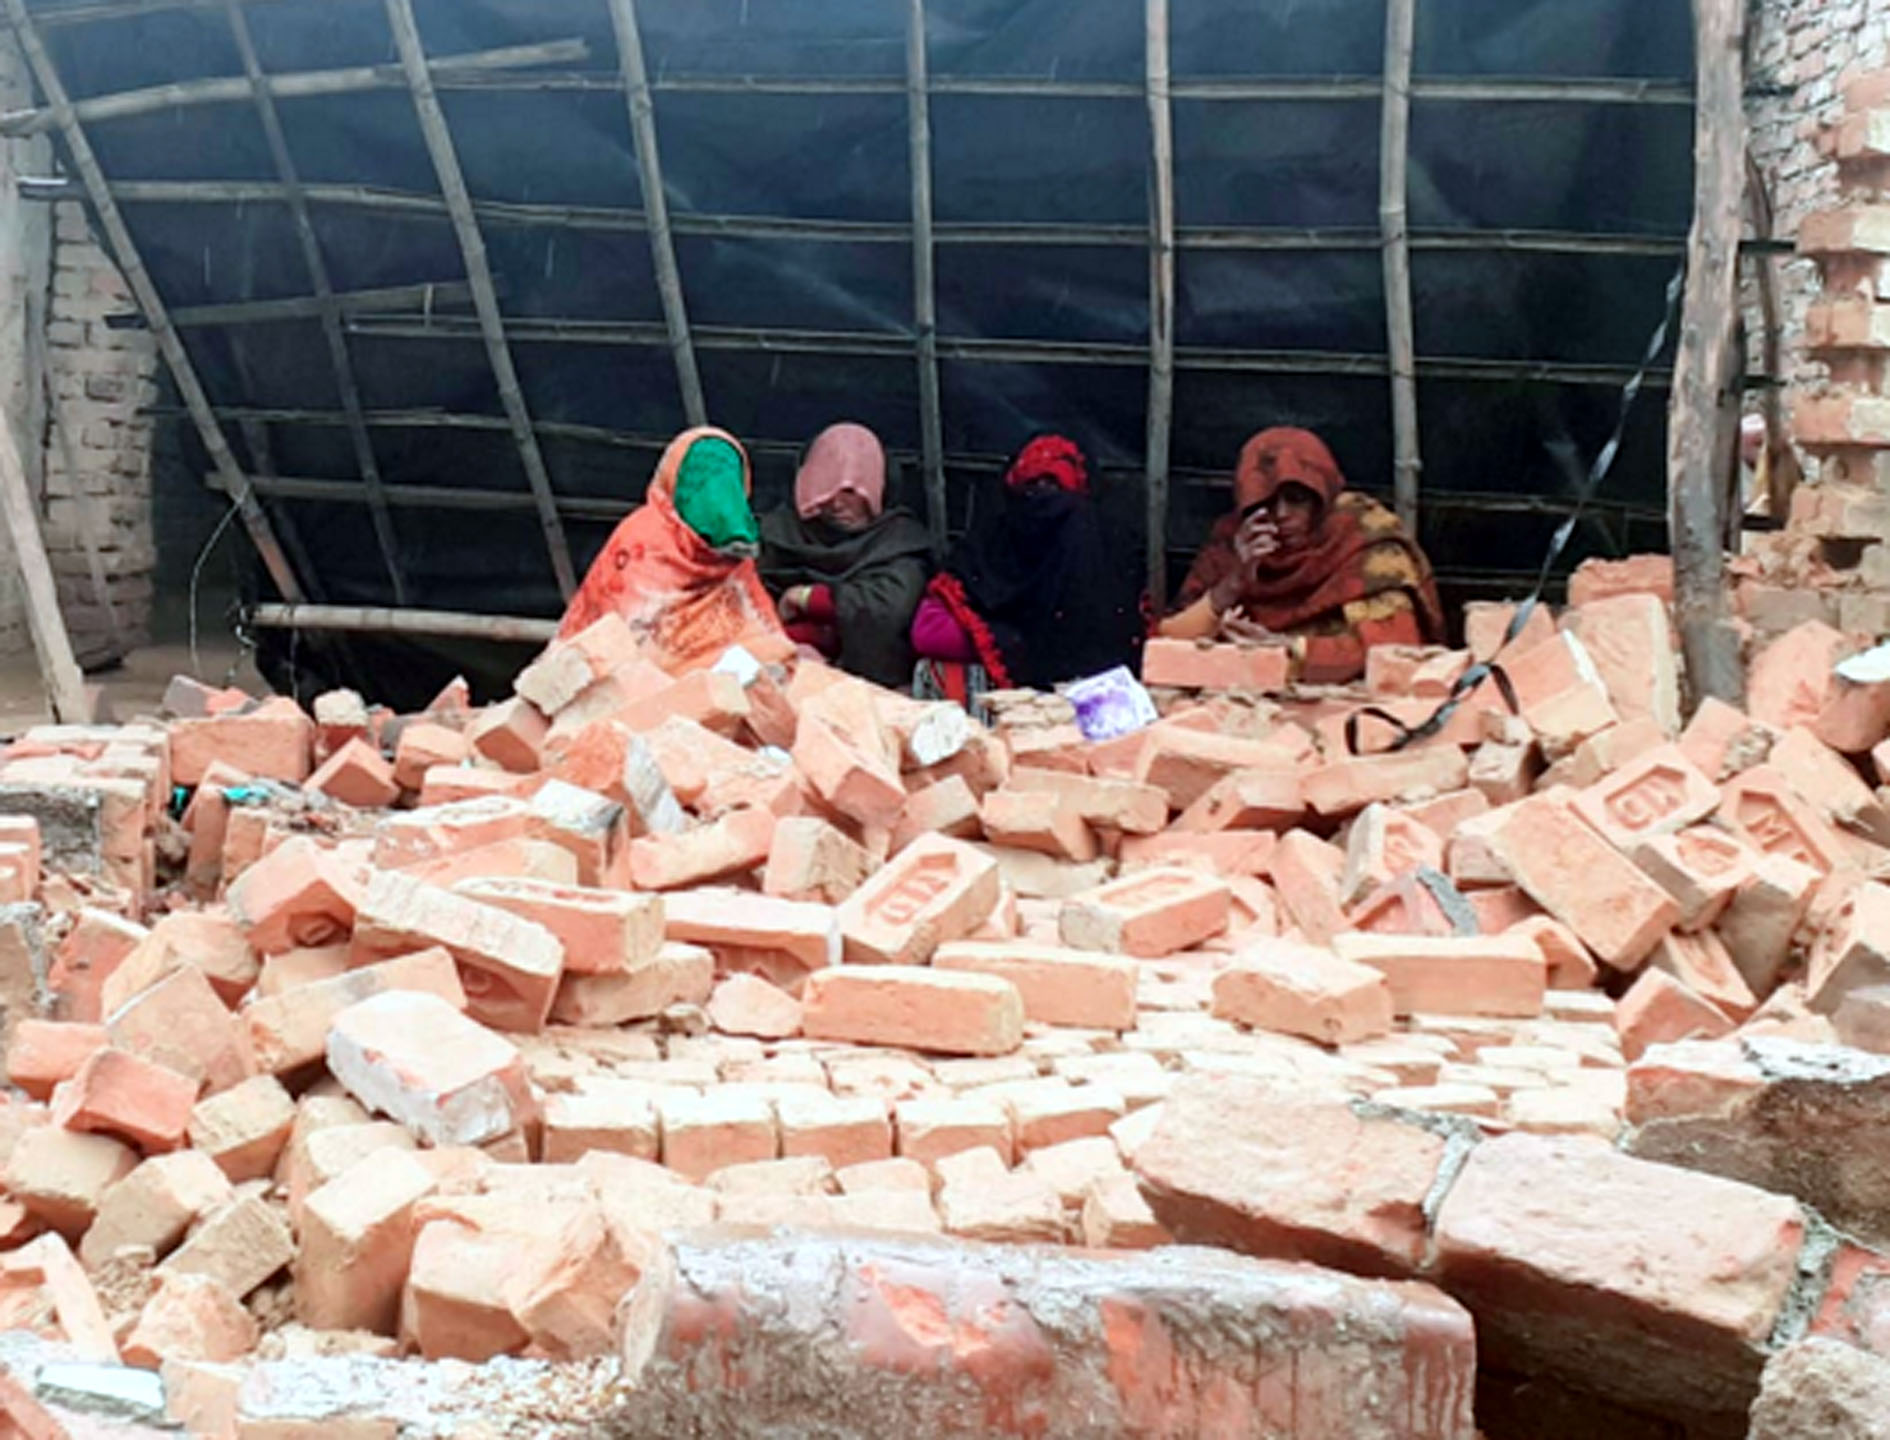 कासगंज के ढोलना में अतिक्रमण हटाने के दौरान ध्वस्त किए गए मकान के मलबे के पीछे बैठी महिलाएं प्रशा